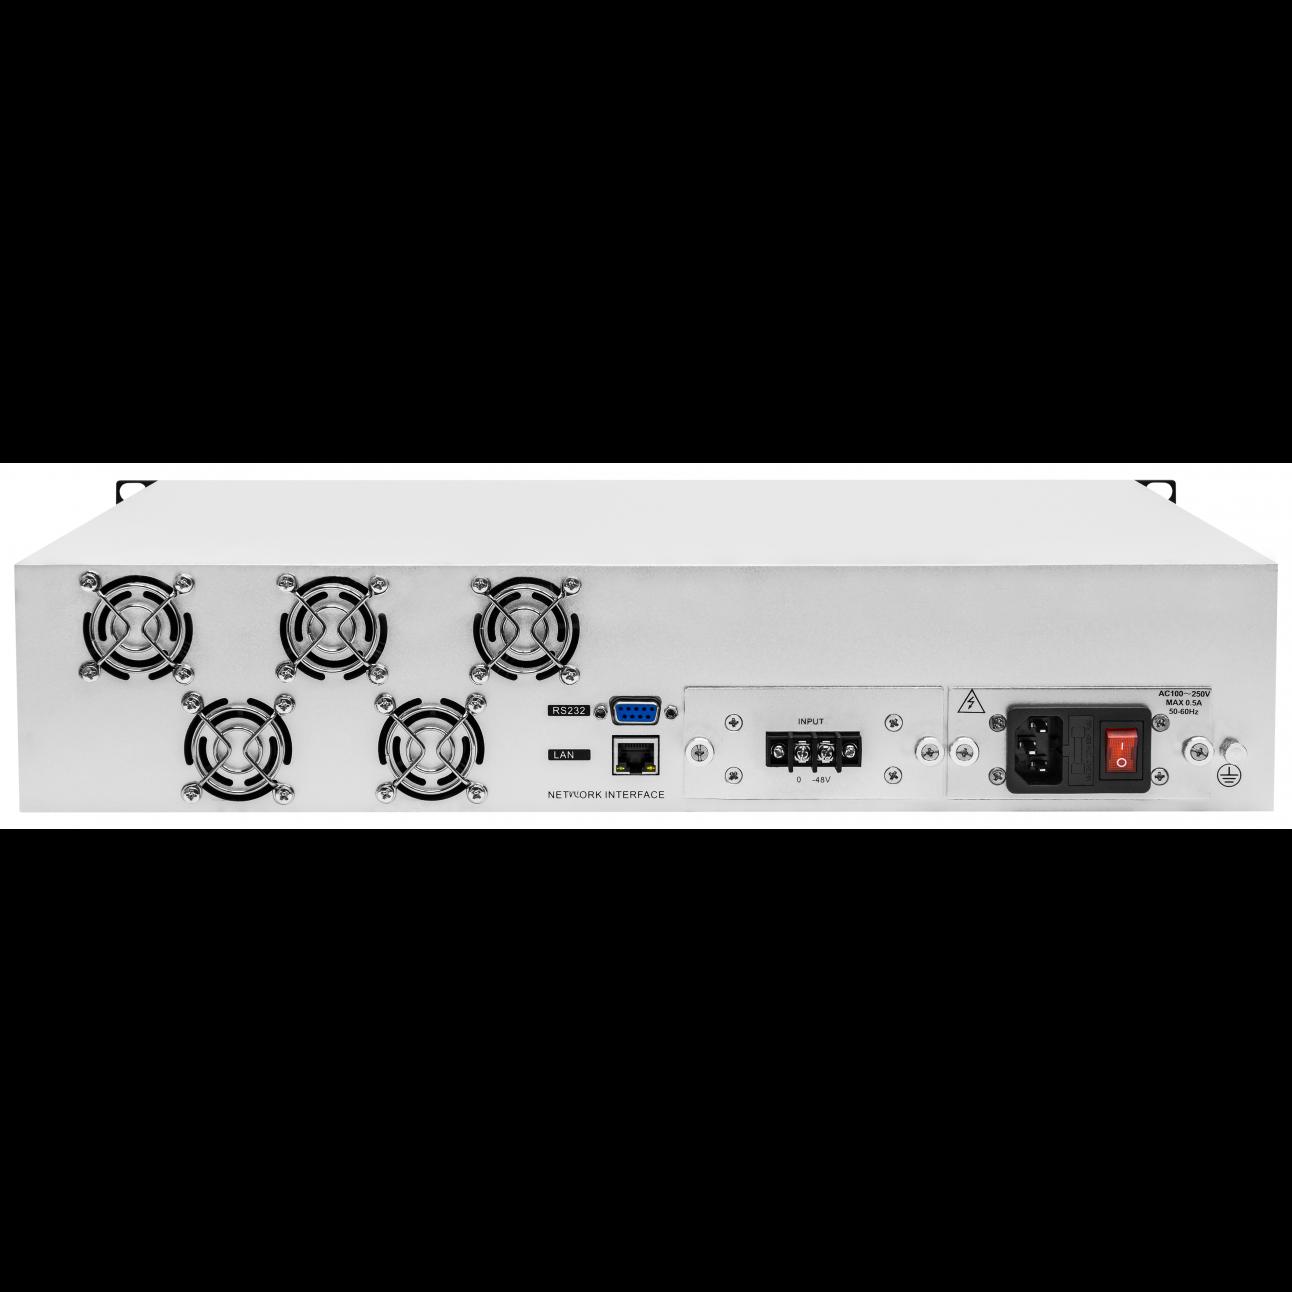 Оптический усилитель VERMAX для сетей КТВ, 2 входа, 16*21dBm выхода, WDM фильтр PON